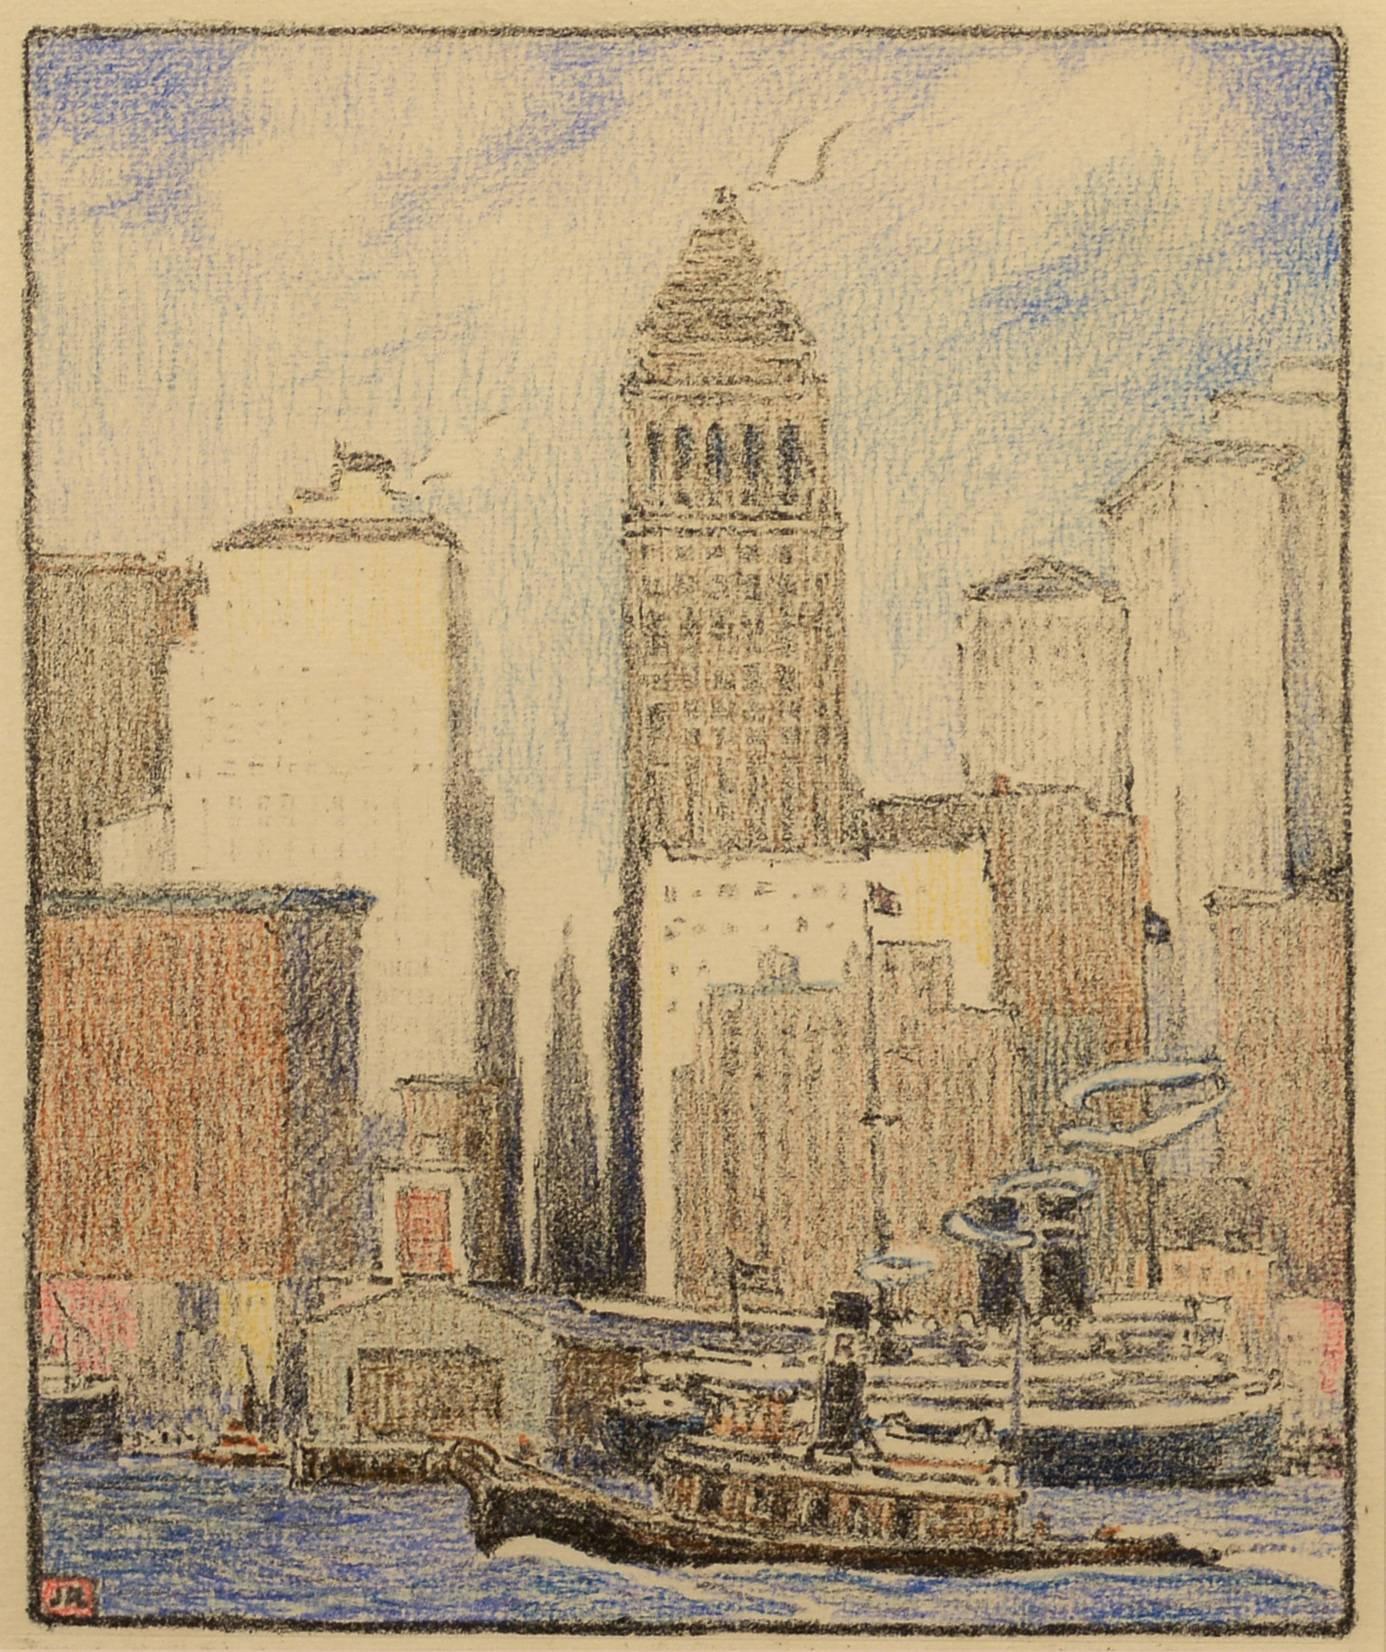 John H. Recknagel, Jr. - New York City Skyline at 1stdibs